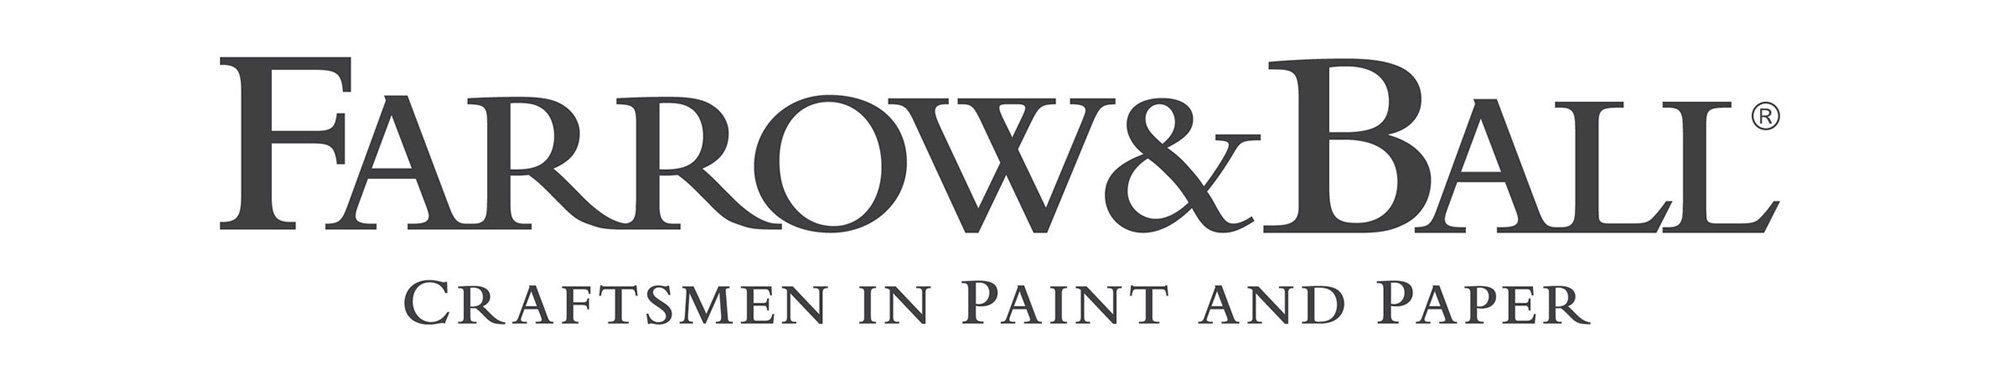 F-n-B-craftsmen_logo